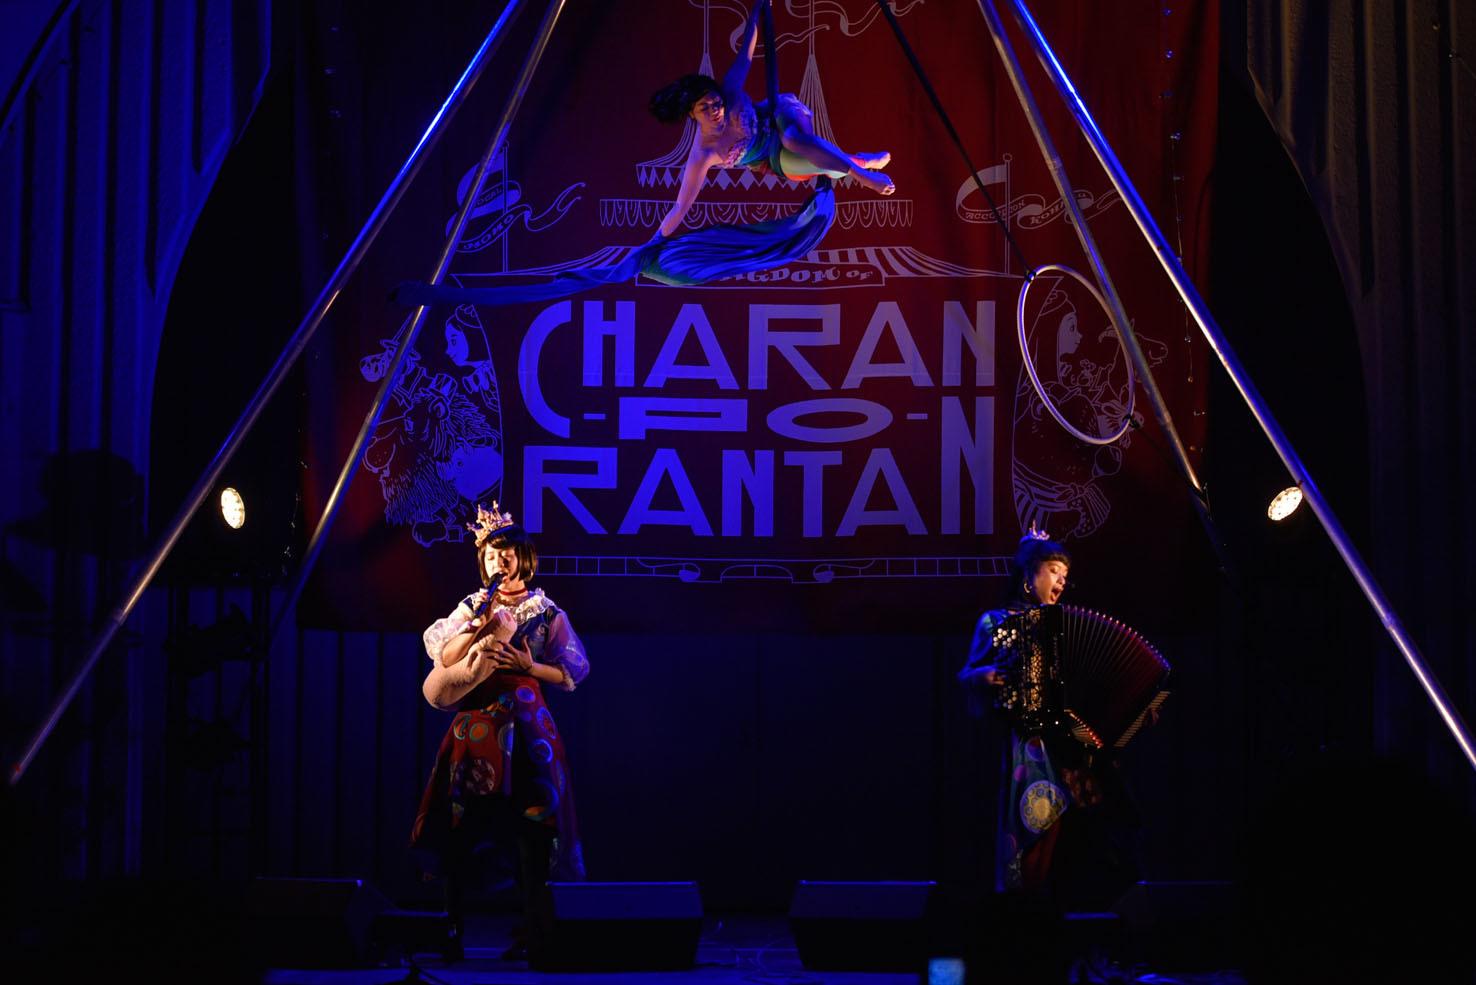 チャラン・ポ・ランタン『ブタ音楽祭2017』